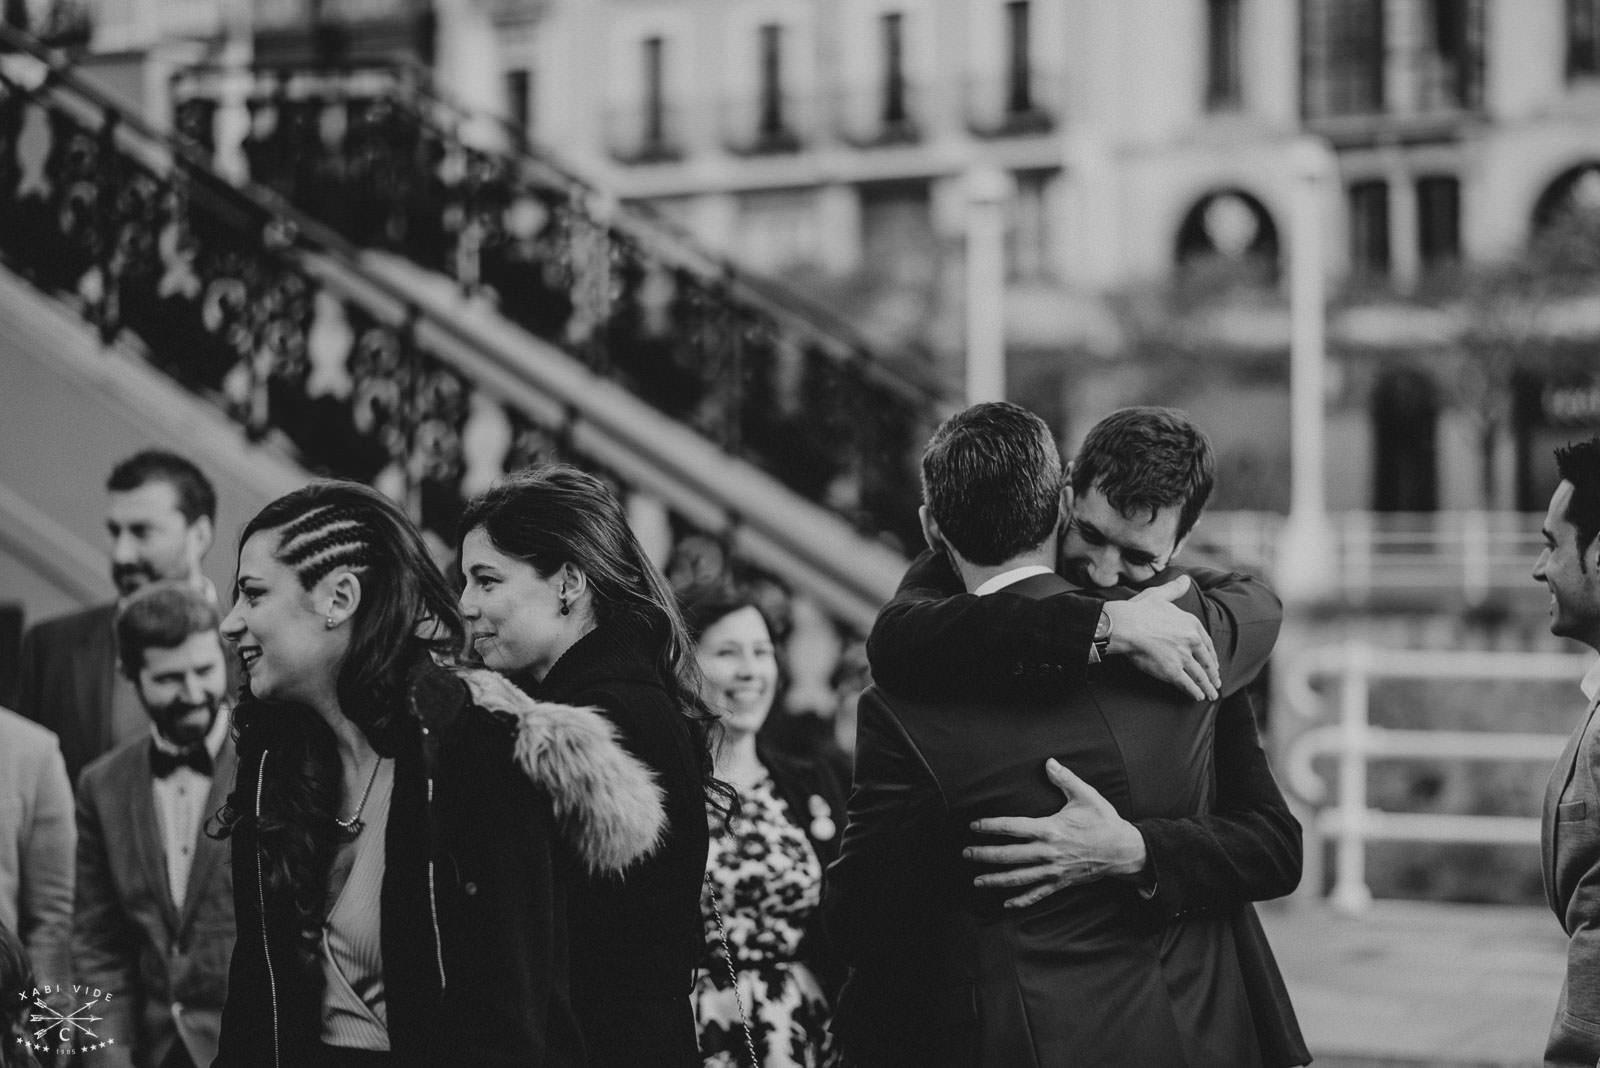 fotografo de bodas en bilbao-42